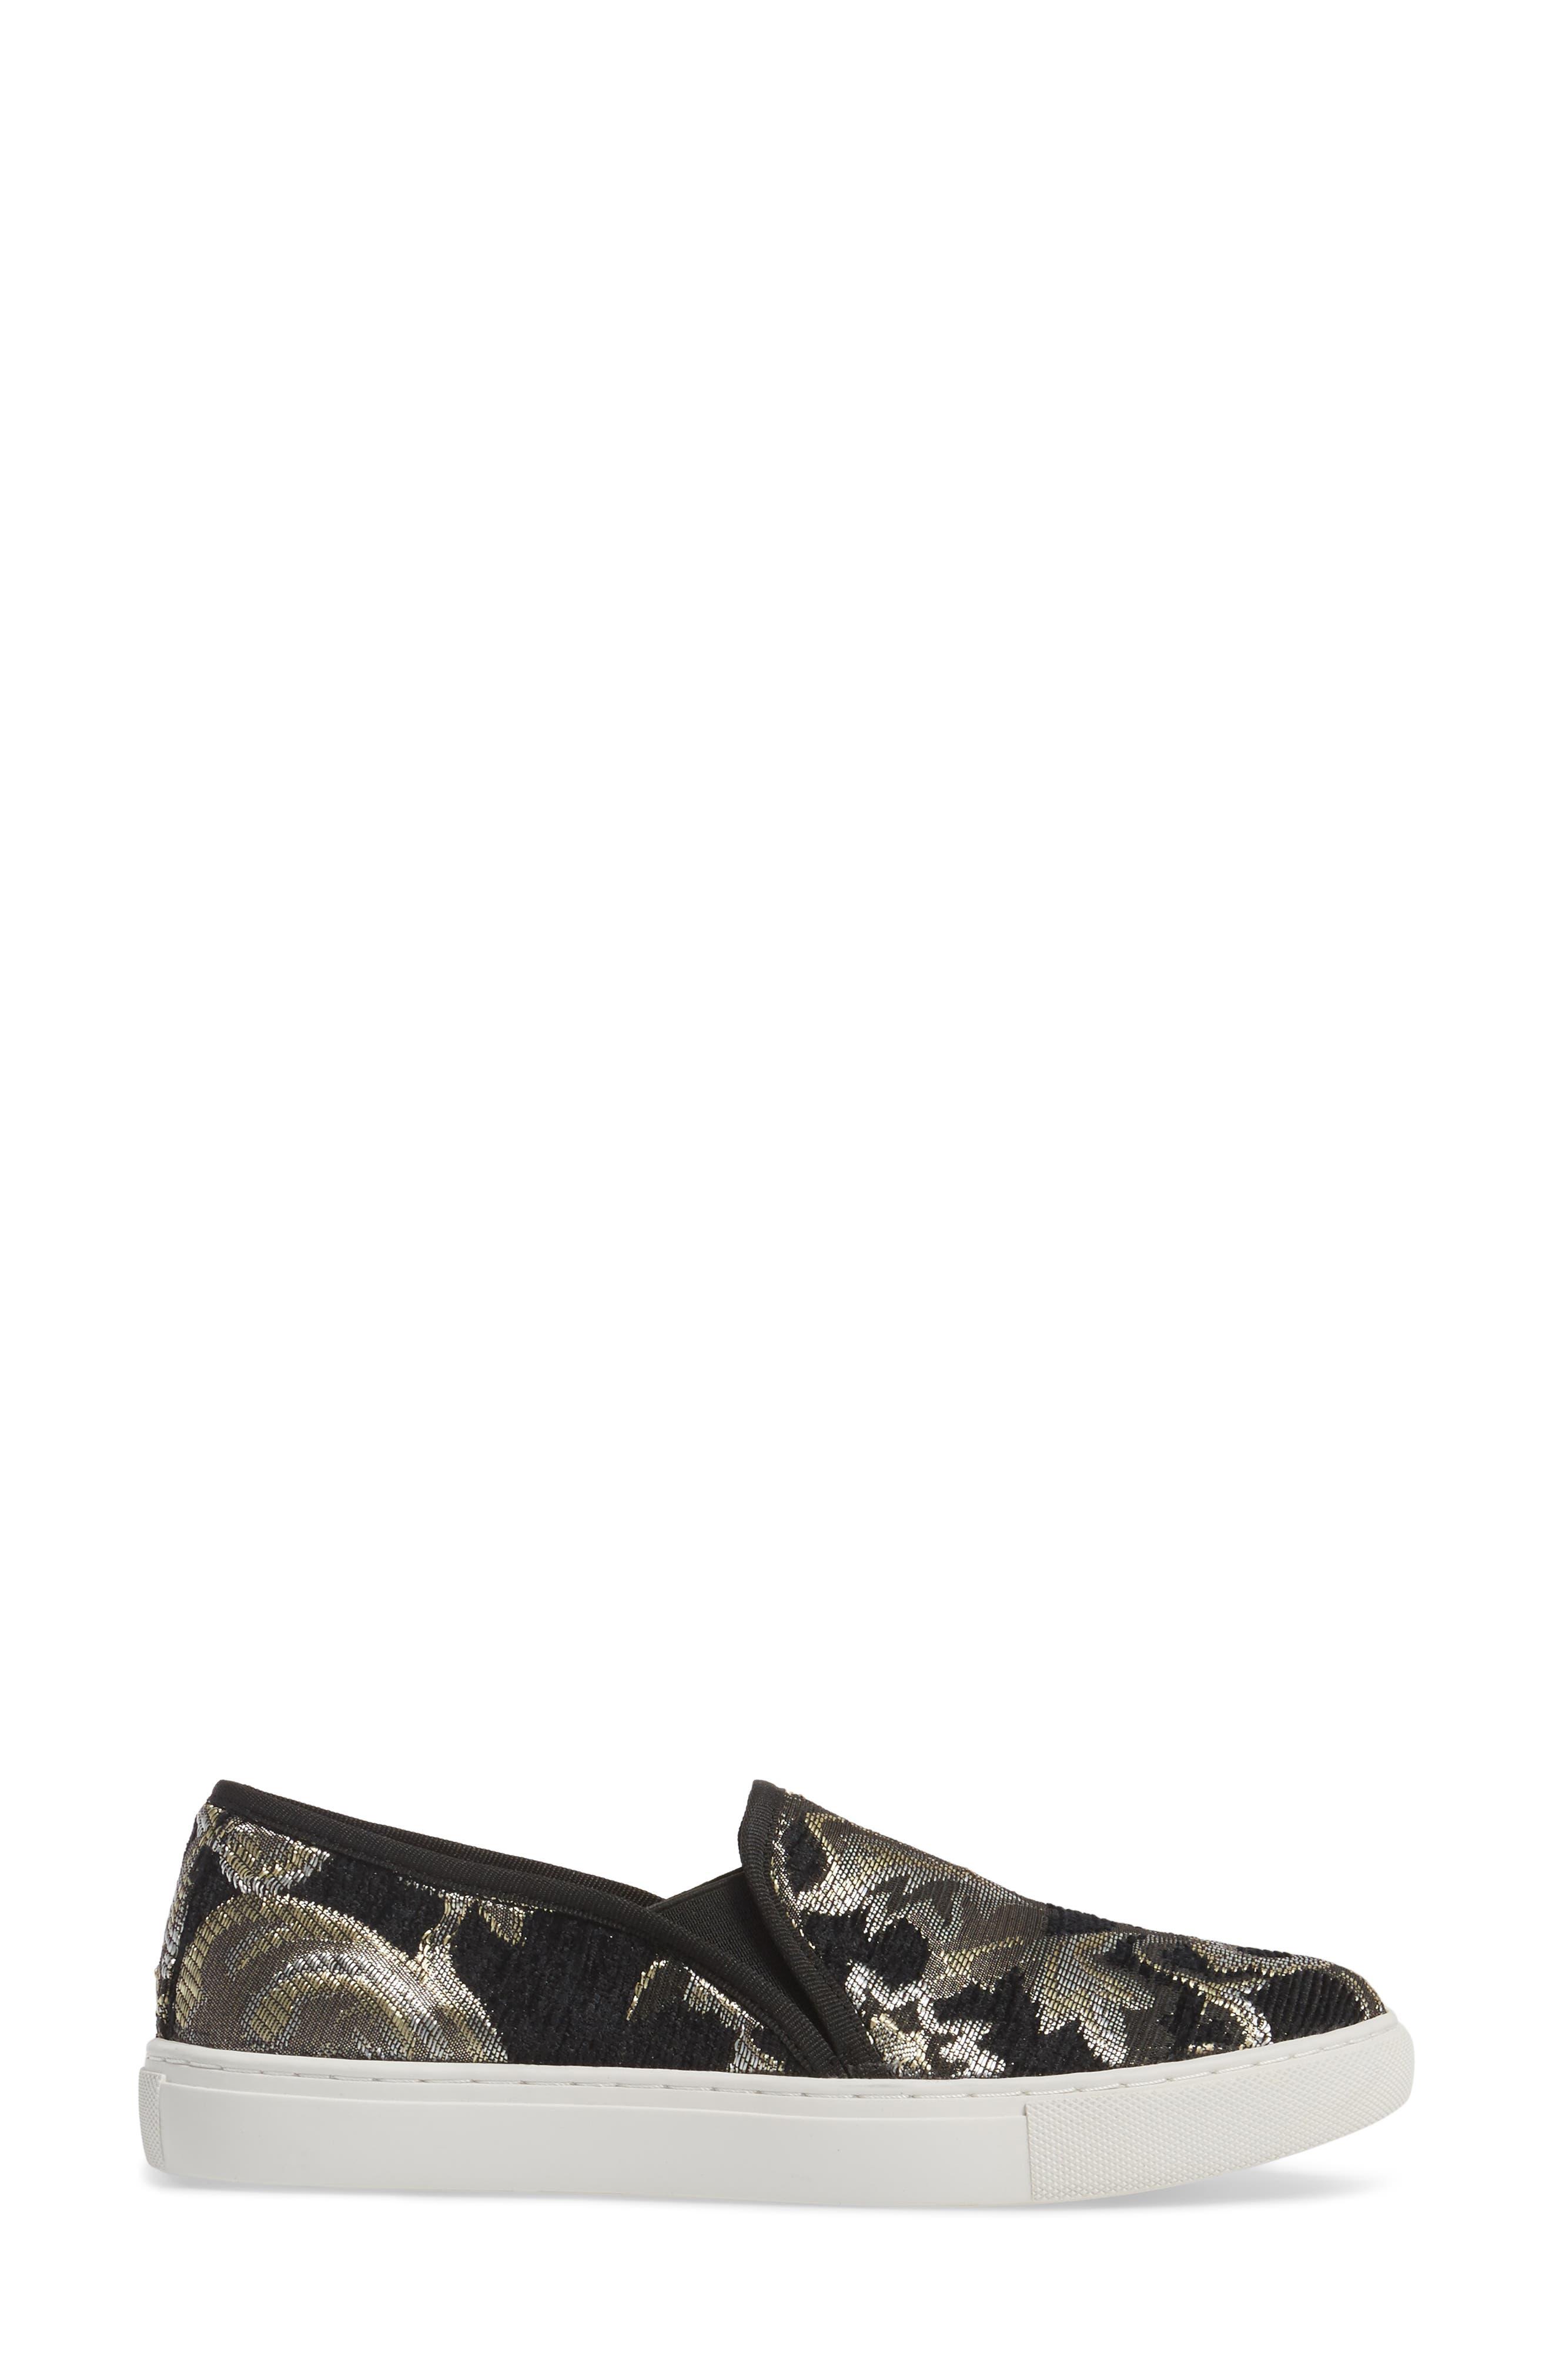 Skipper Slip-On Sneaker,                             Alternate thumbnail 3, color,                             Black Brocade Leather